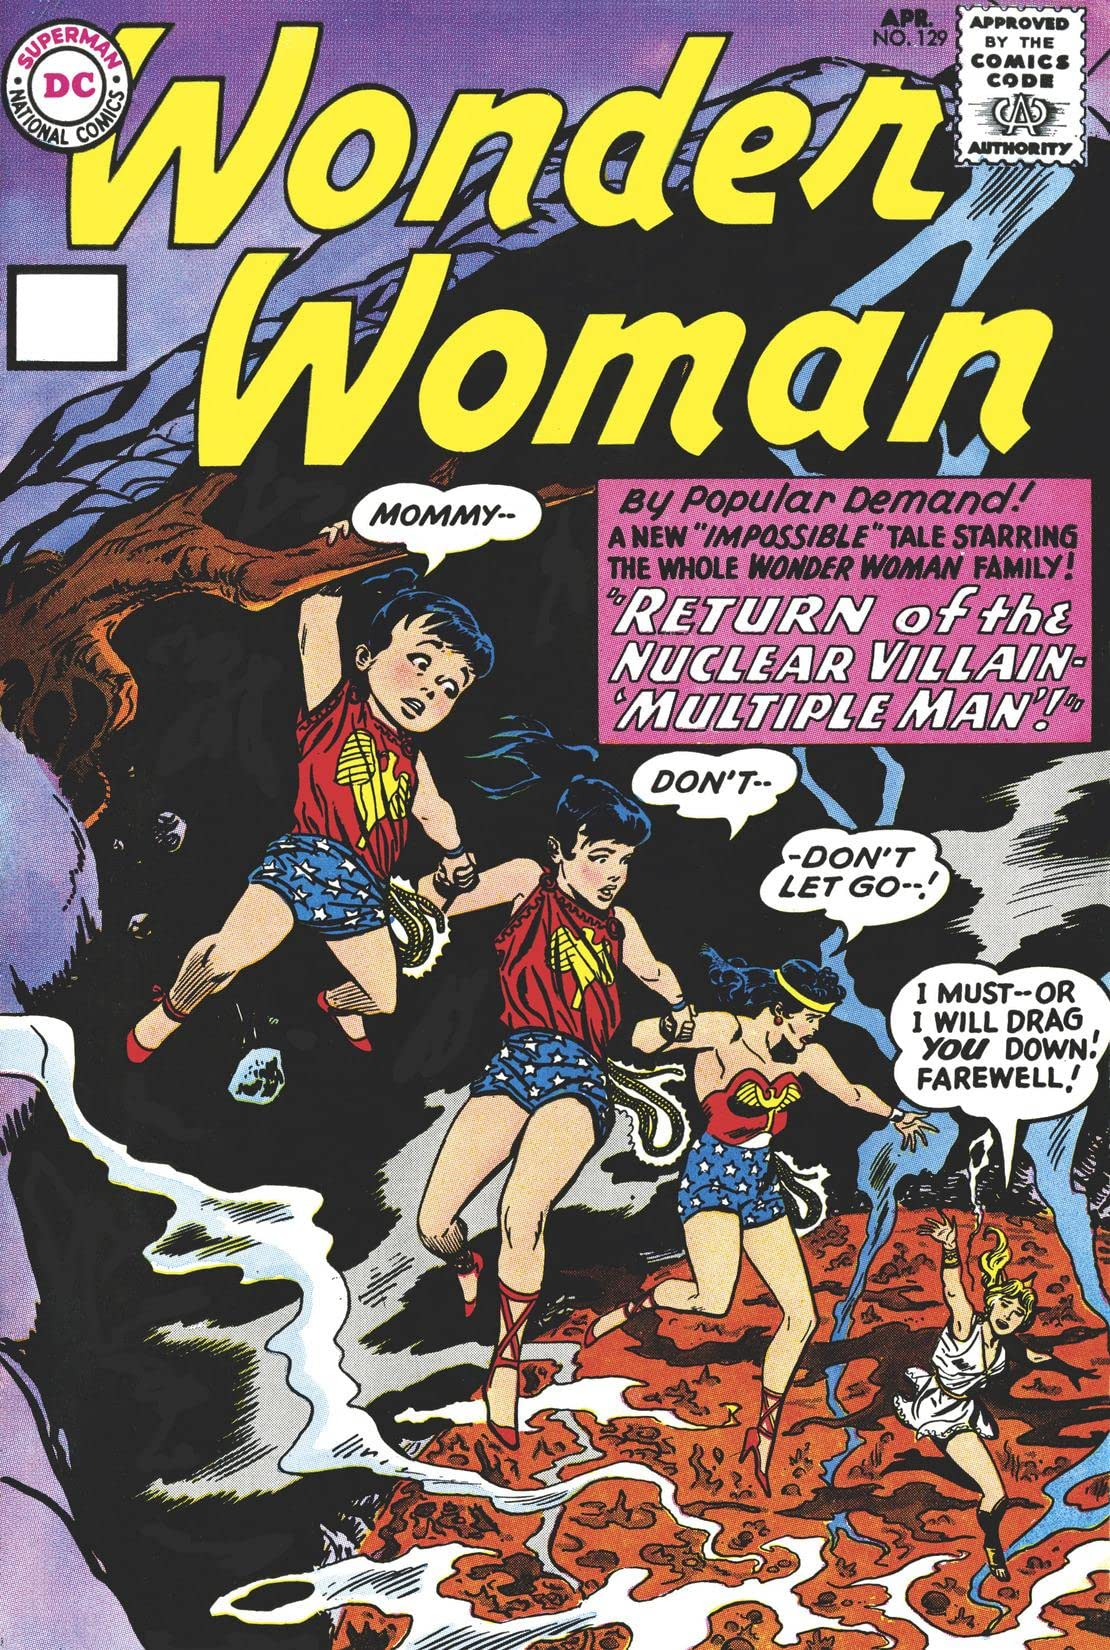 Wonder Woman (1942-1986) #129